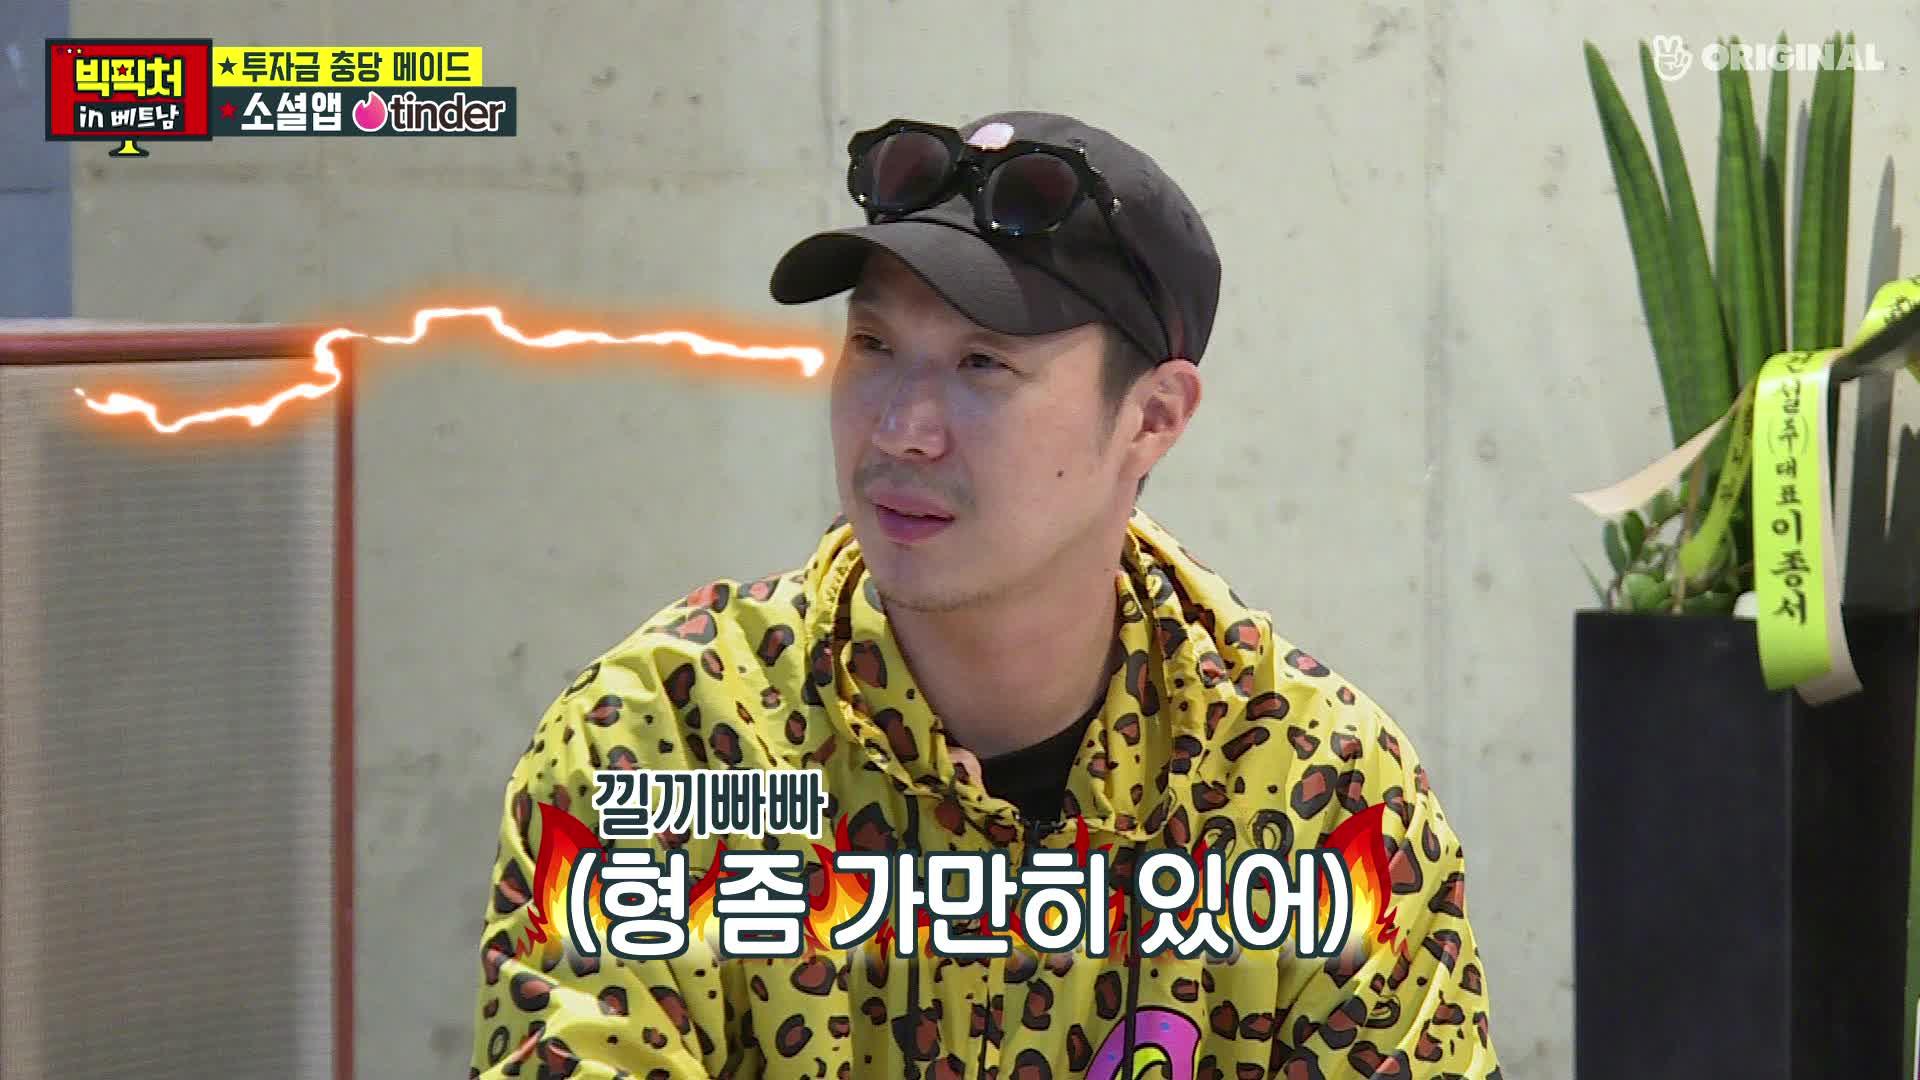 빅픽처 스페셜시즌 EP57_종국 잡는(?) 매니저의 강점!